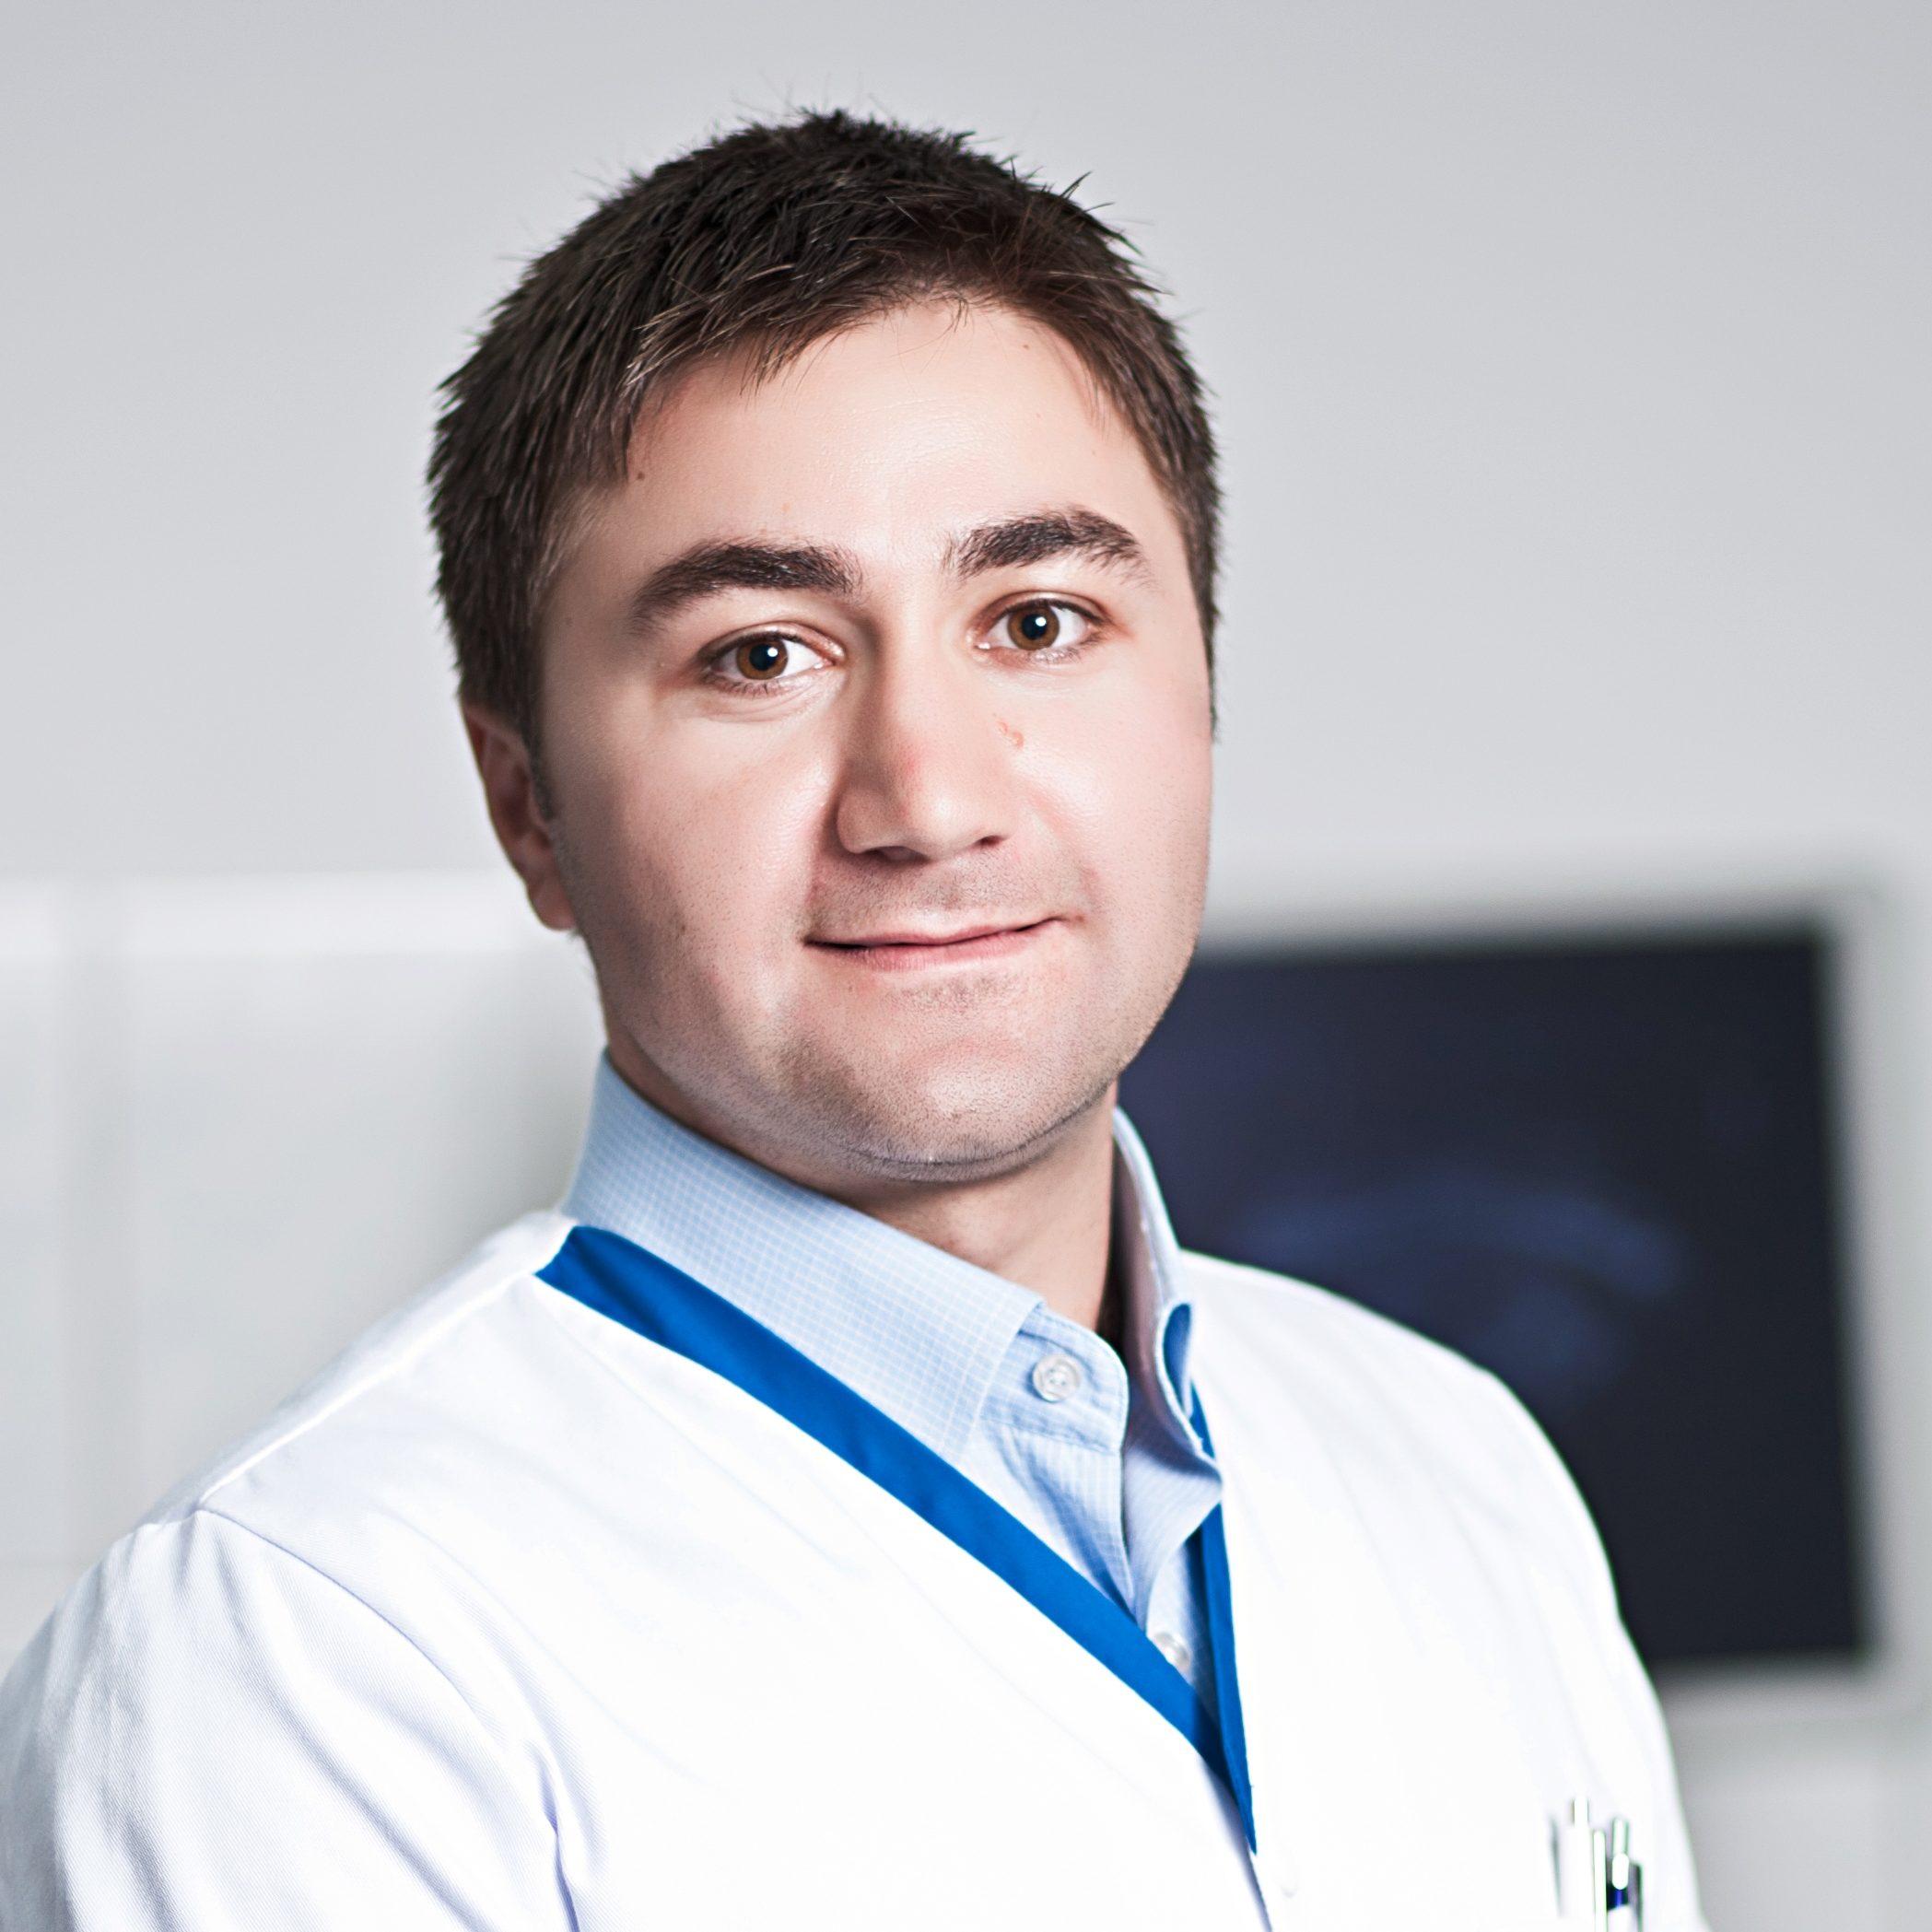 Centrul medical PoeMedica - dr Ionut Valcea mic